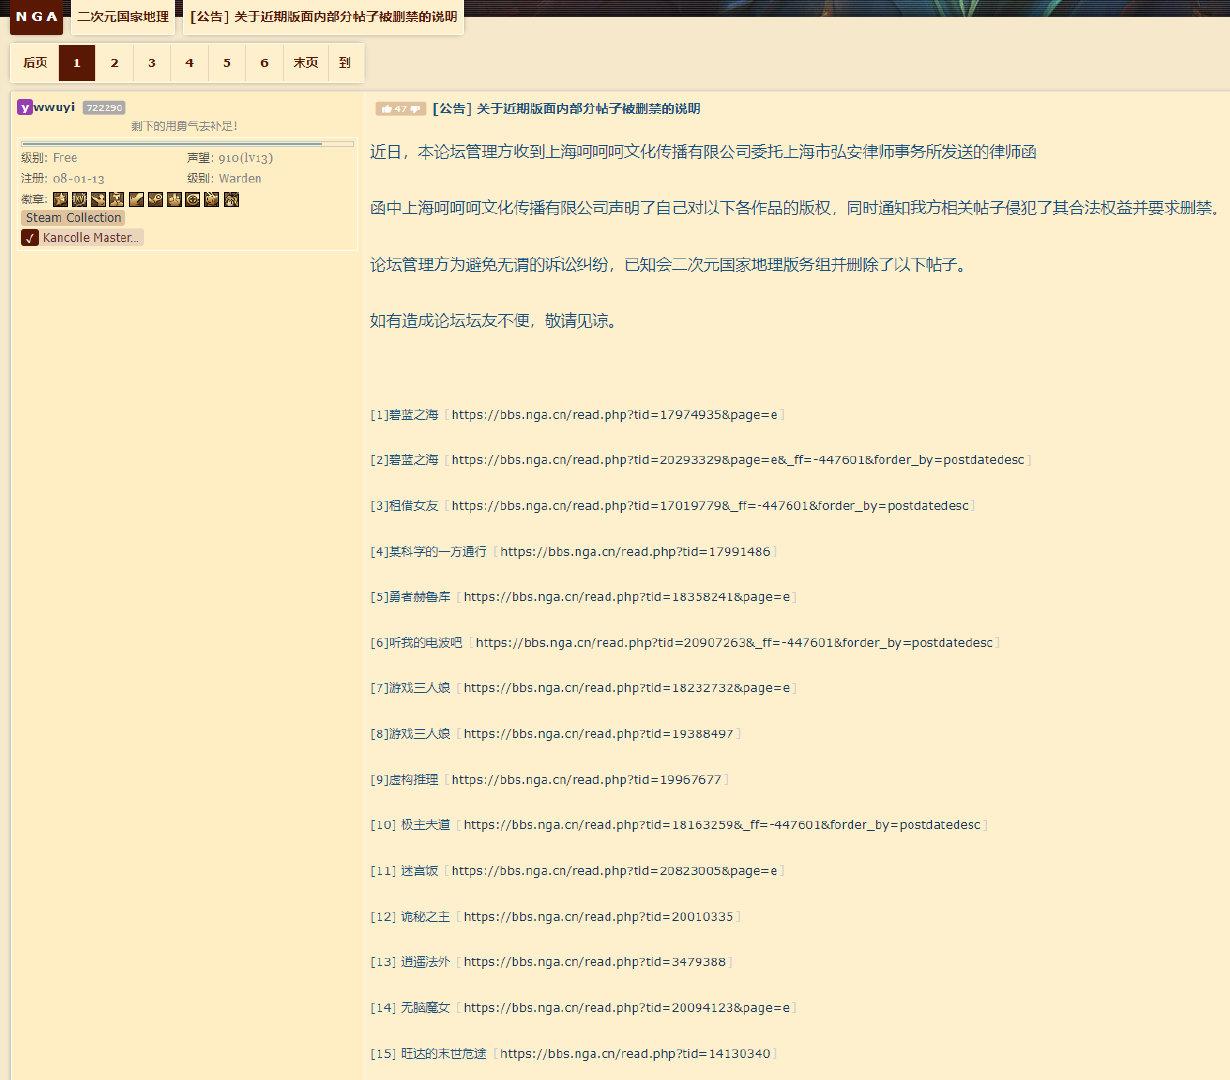 今日NGA论坛发布公告称收到上海呵呵呵文化传播有限公司的律师函